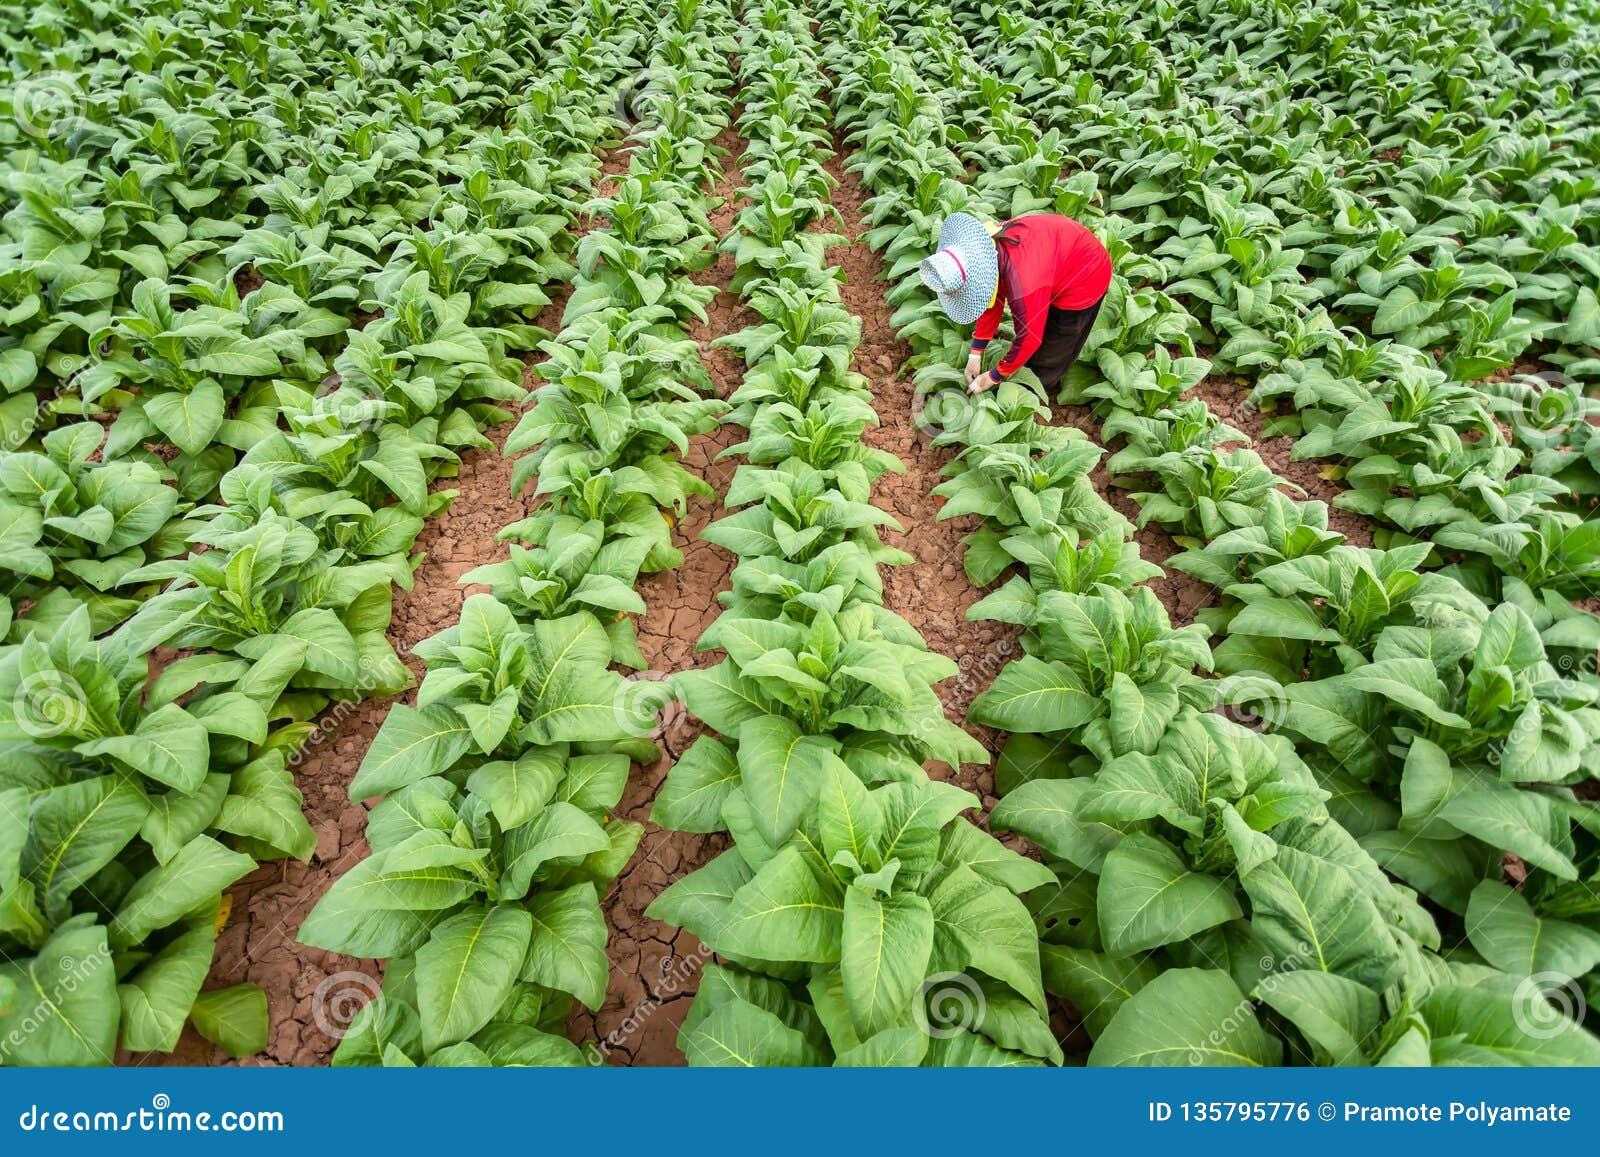 Asiatische Landwirte bauten Tabak in einem umgewandelten Tabakanbau im Land, Thailand an